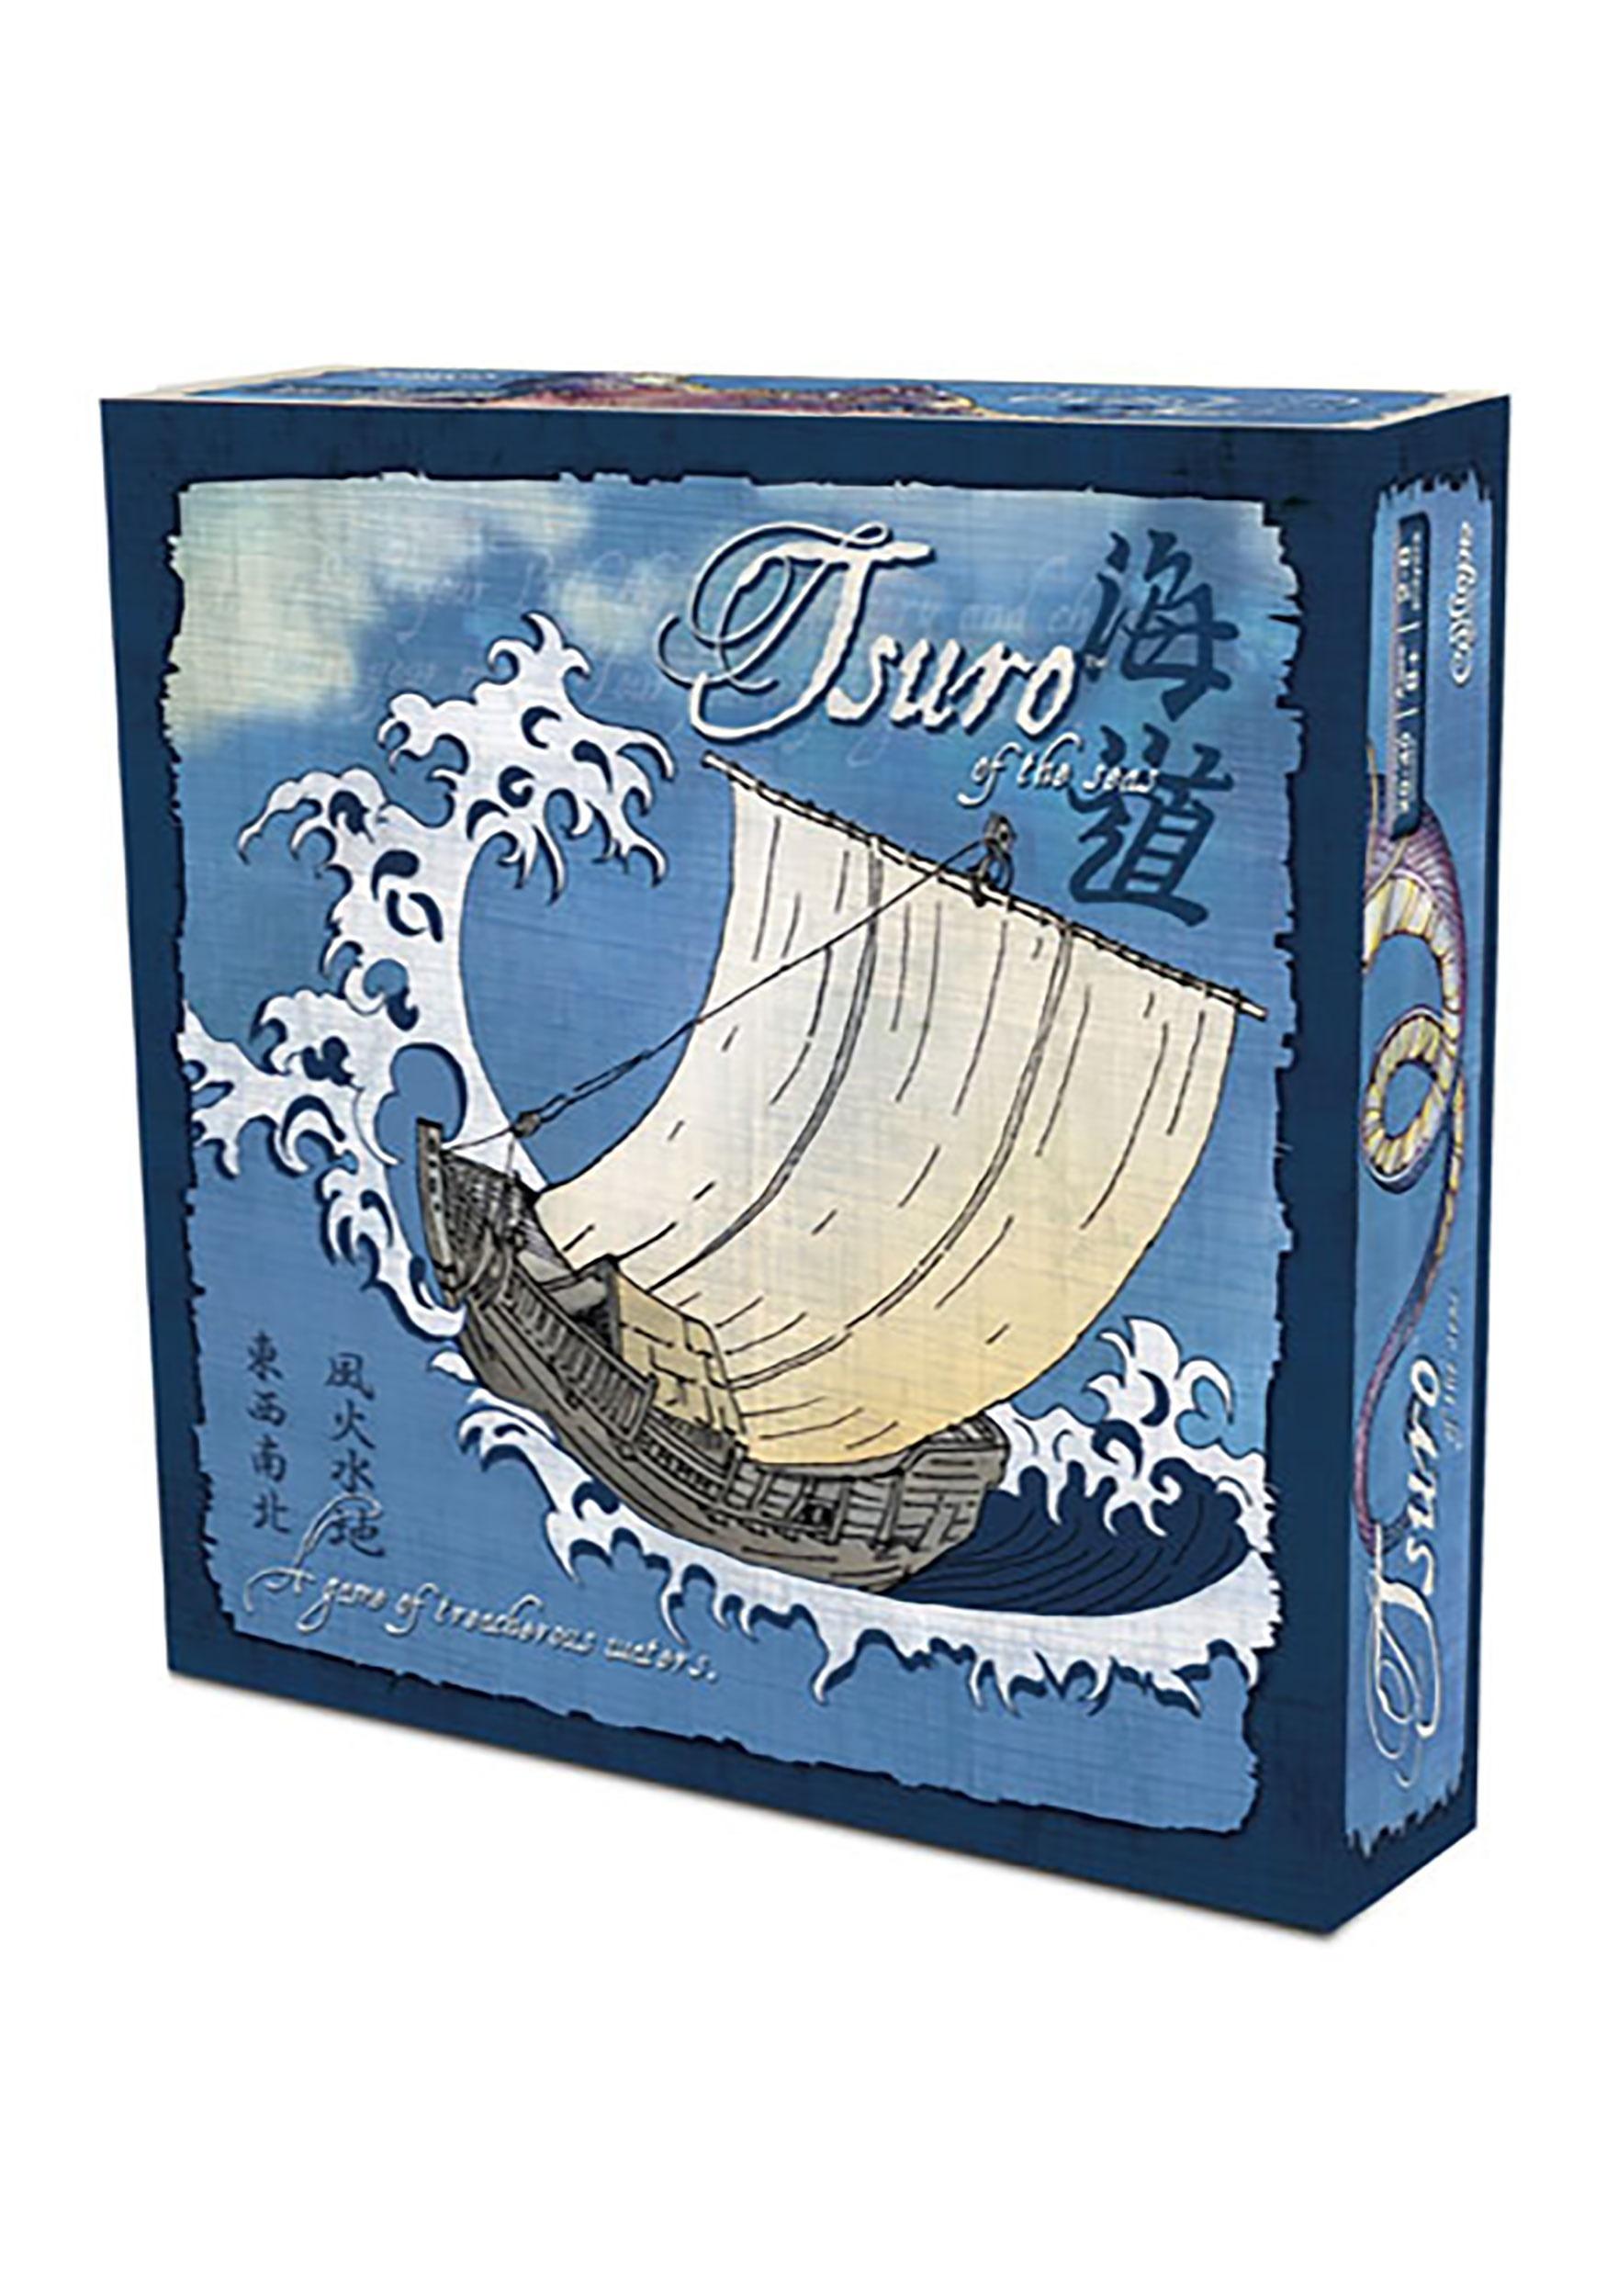 Tsuro_of_the_Seas_Board_Game